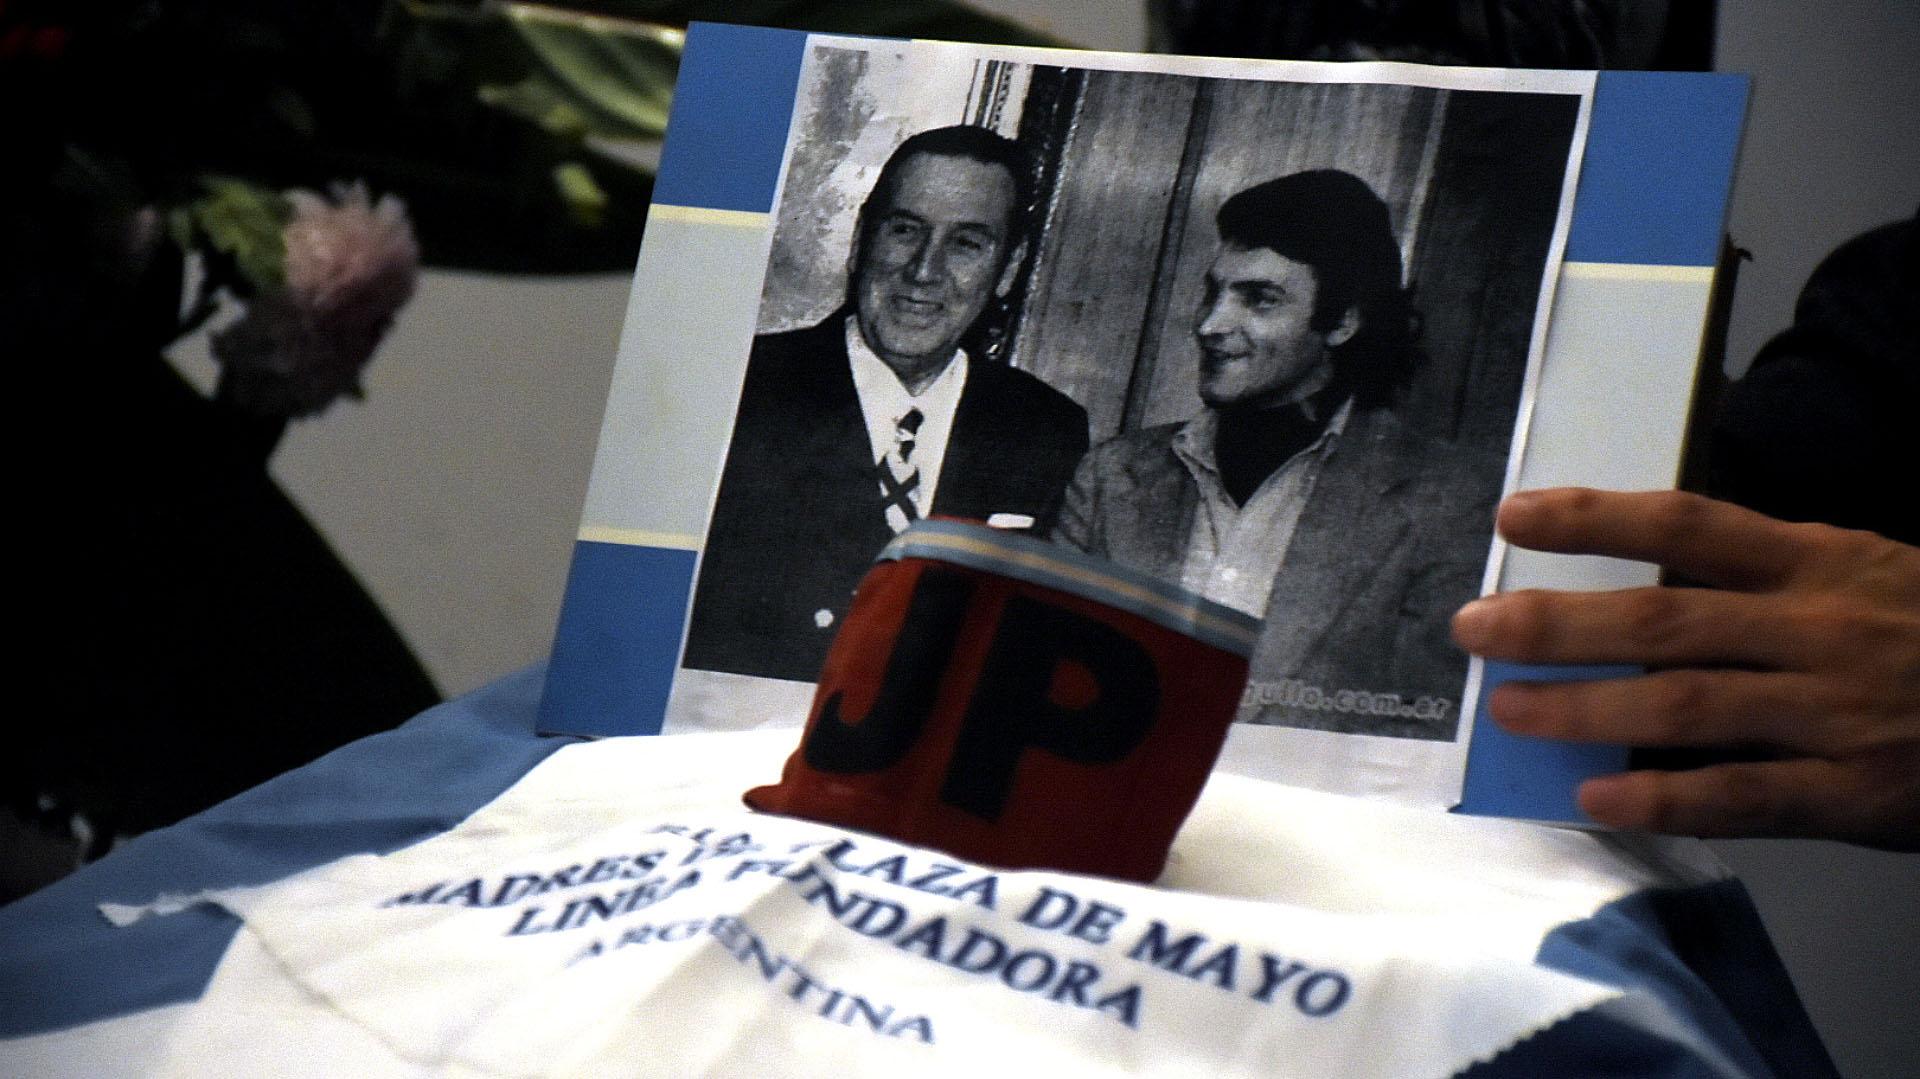 Dante Gullo junto a Juan Domingo Perón durante su exilio en España. Por entonces, era dirigente de la Juventud Peronista (JP).